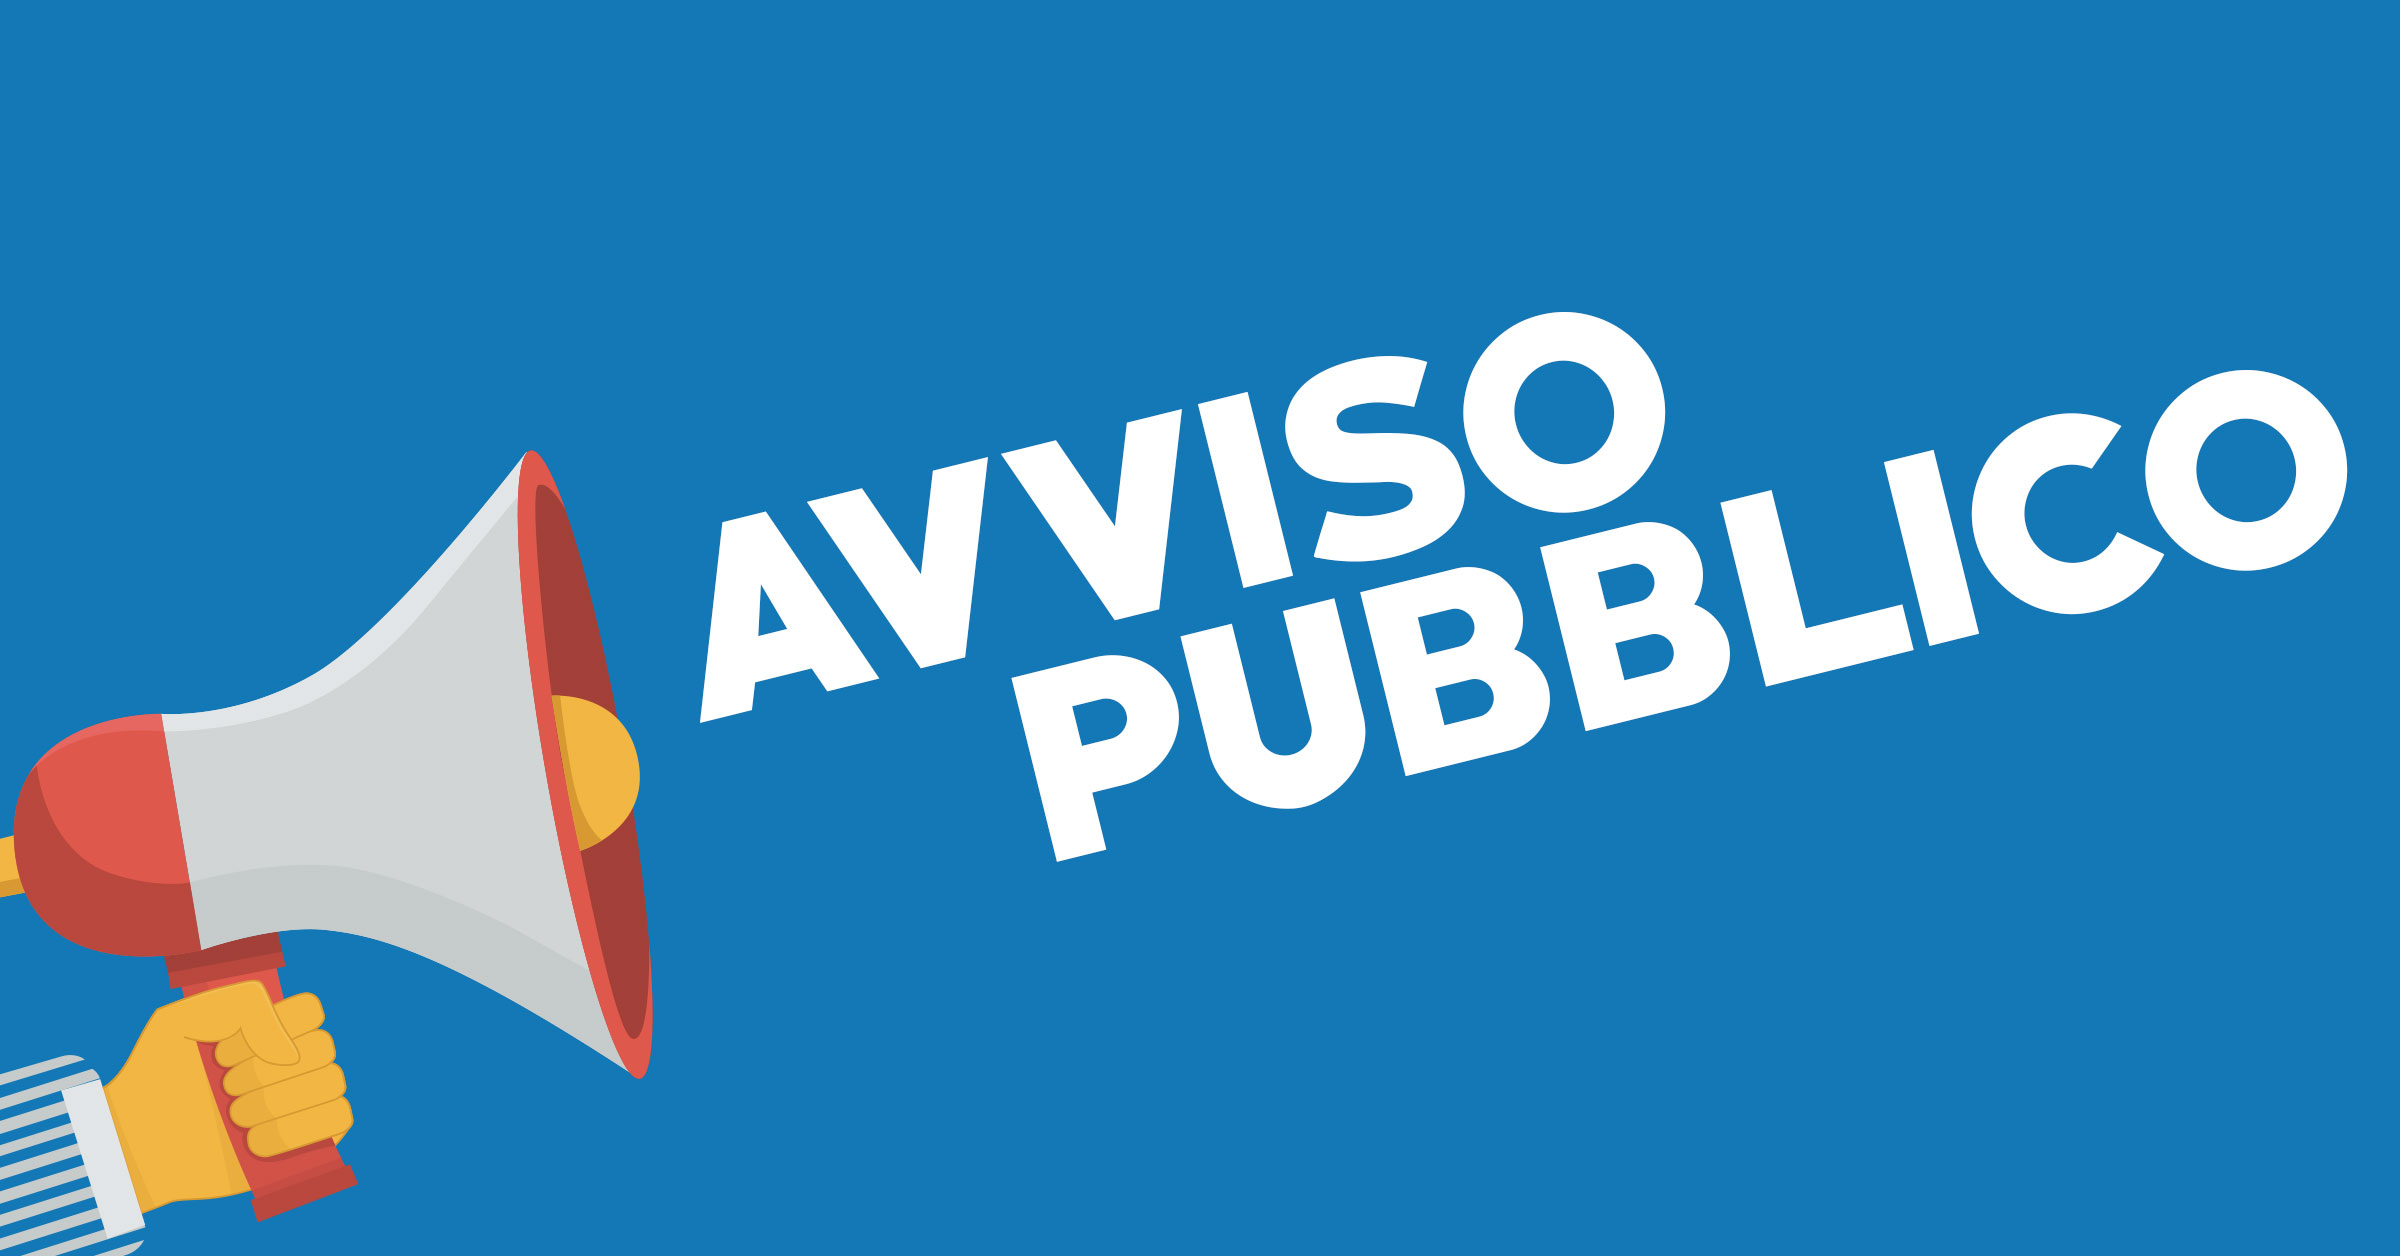 AVVISO MANIFESTAZIONE DI INTERESSE ALL'AFFIDAMENTO DEL SERVIZIO DI CERTIFICAZIONE DELLE SPESE TRAMITE PROCEDURA NEGOZIATA AI SENSI DELL'ART. 36 COMMA 2 LETT. B) DEL D.LGS. 50/2016